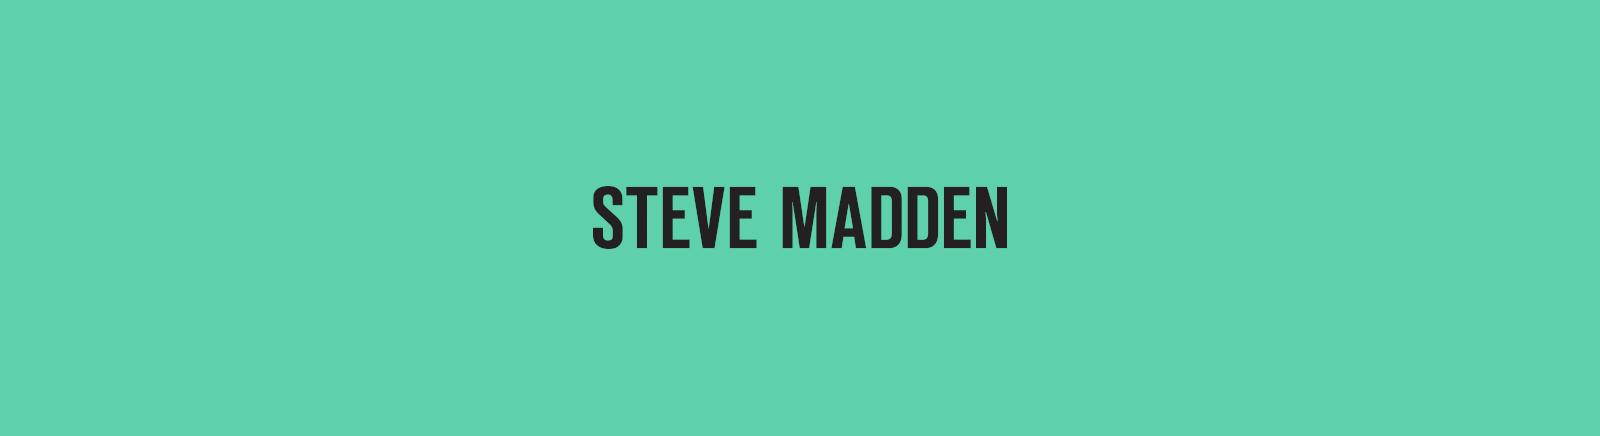 Prange: Steve Madden Damenschuhe online shoppen